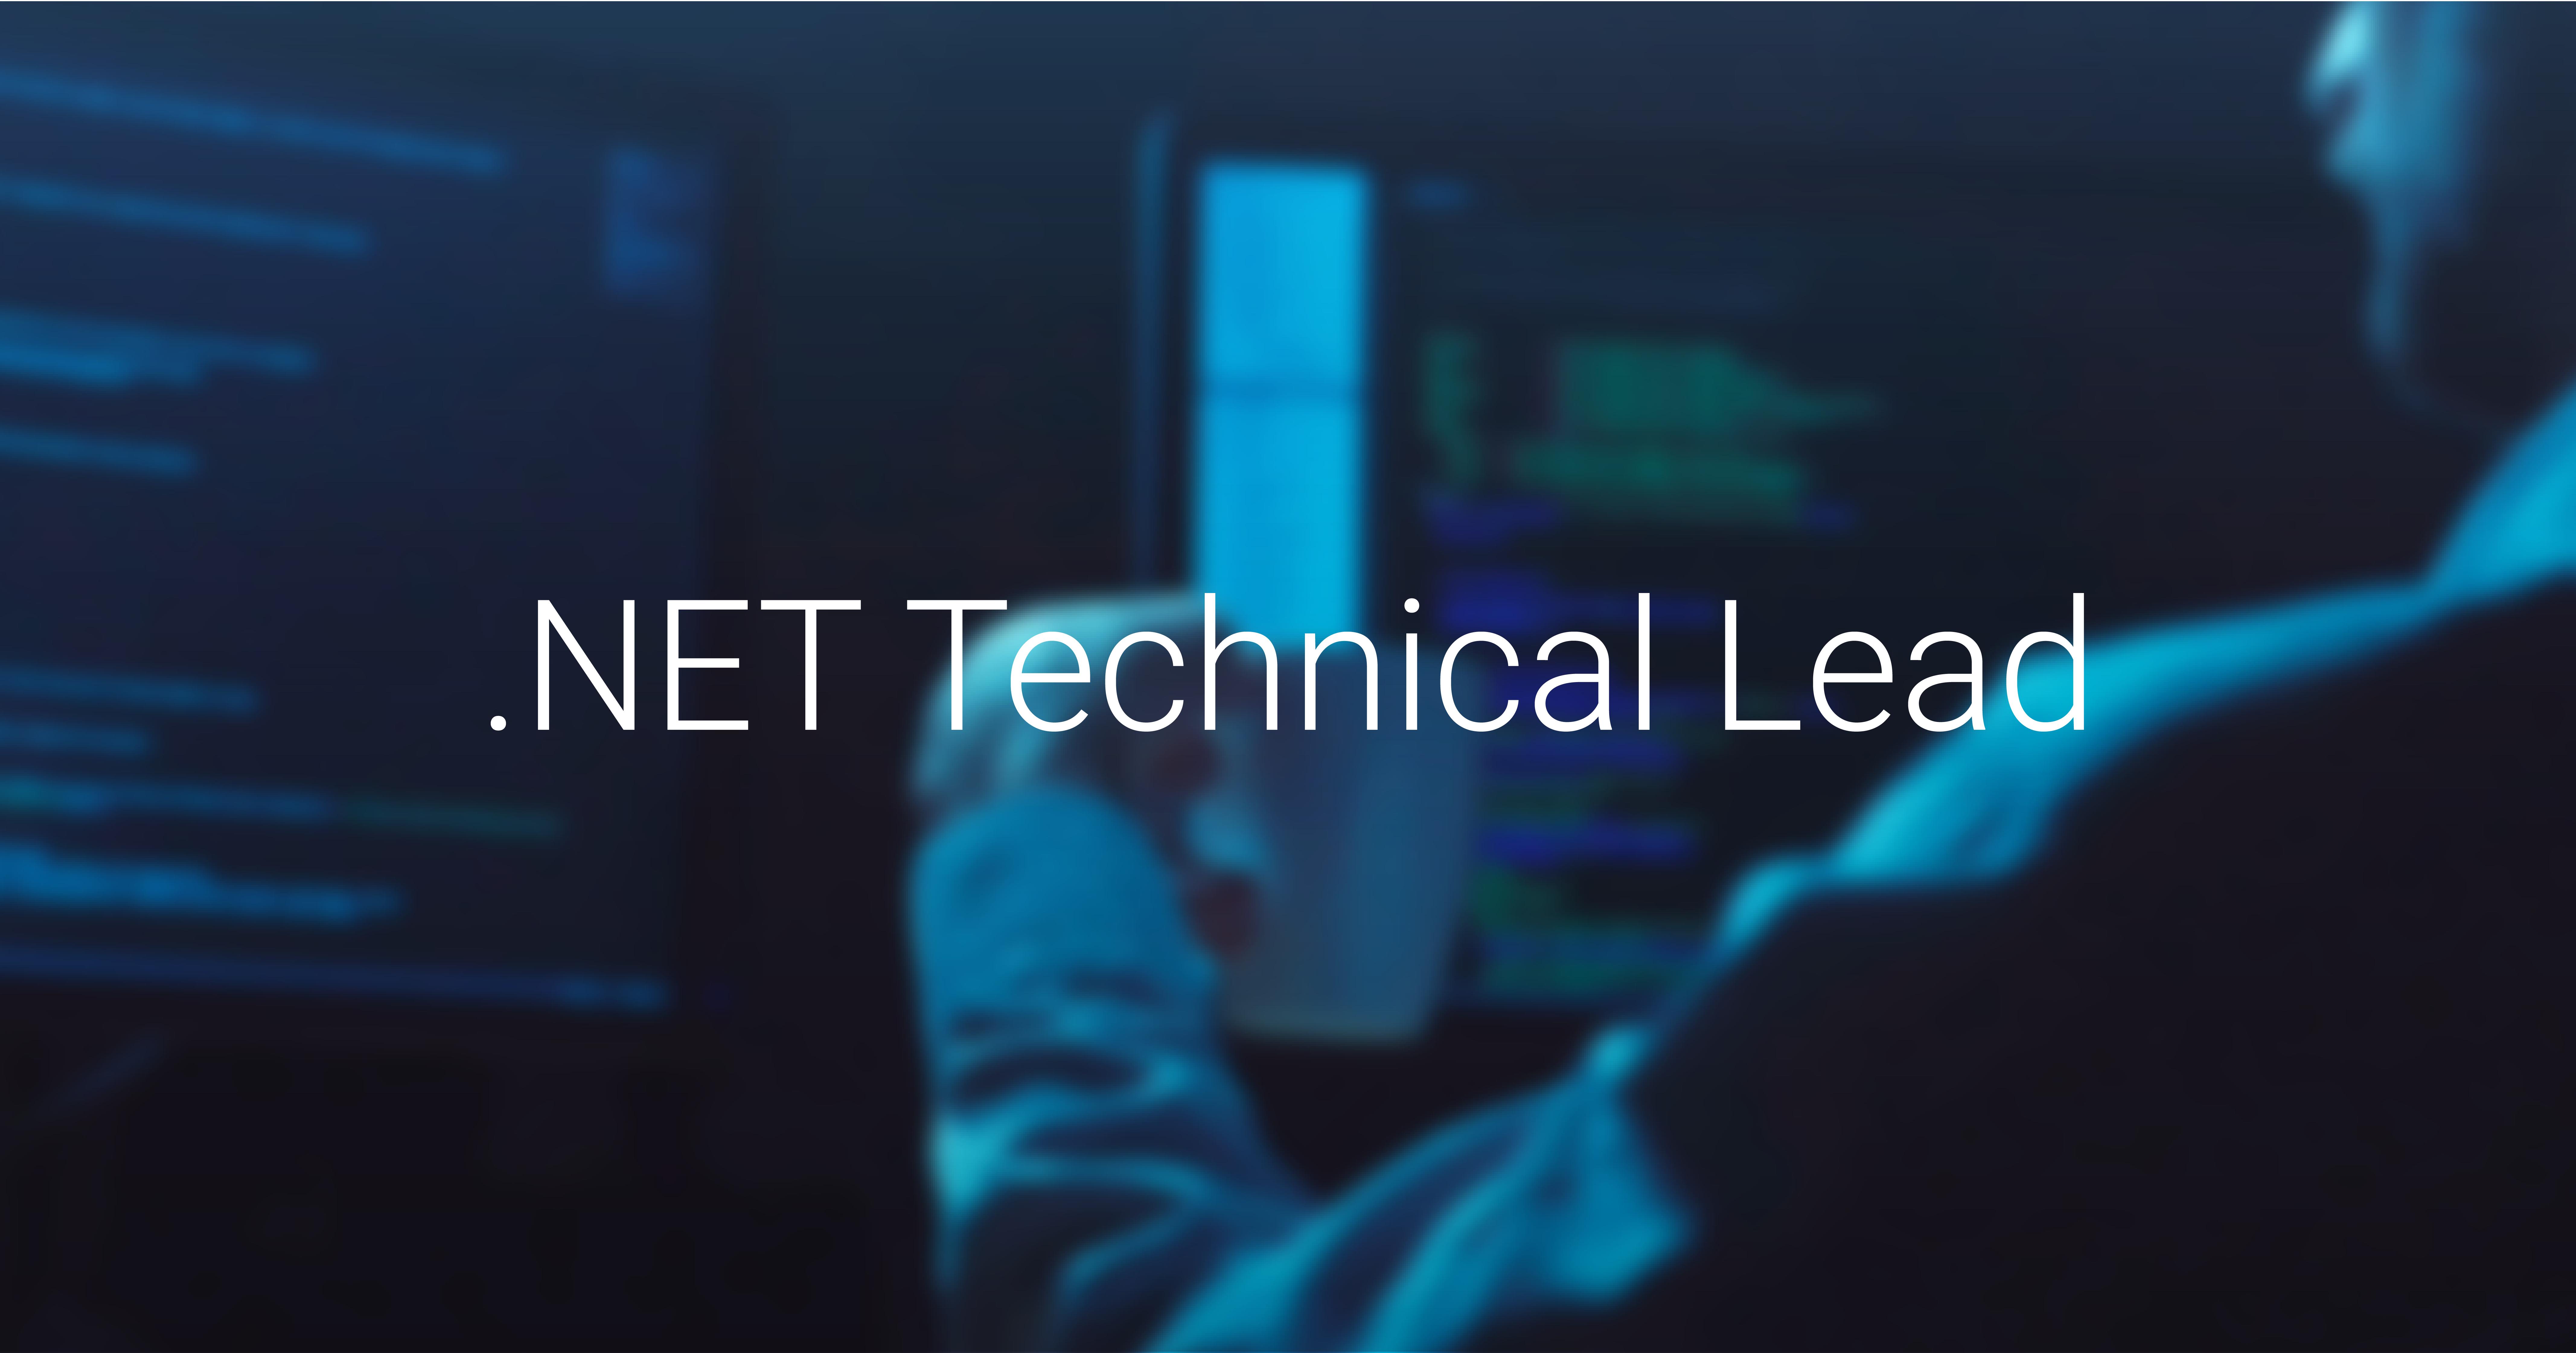 .NET Technical Lead